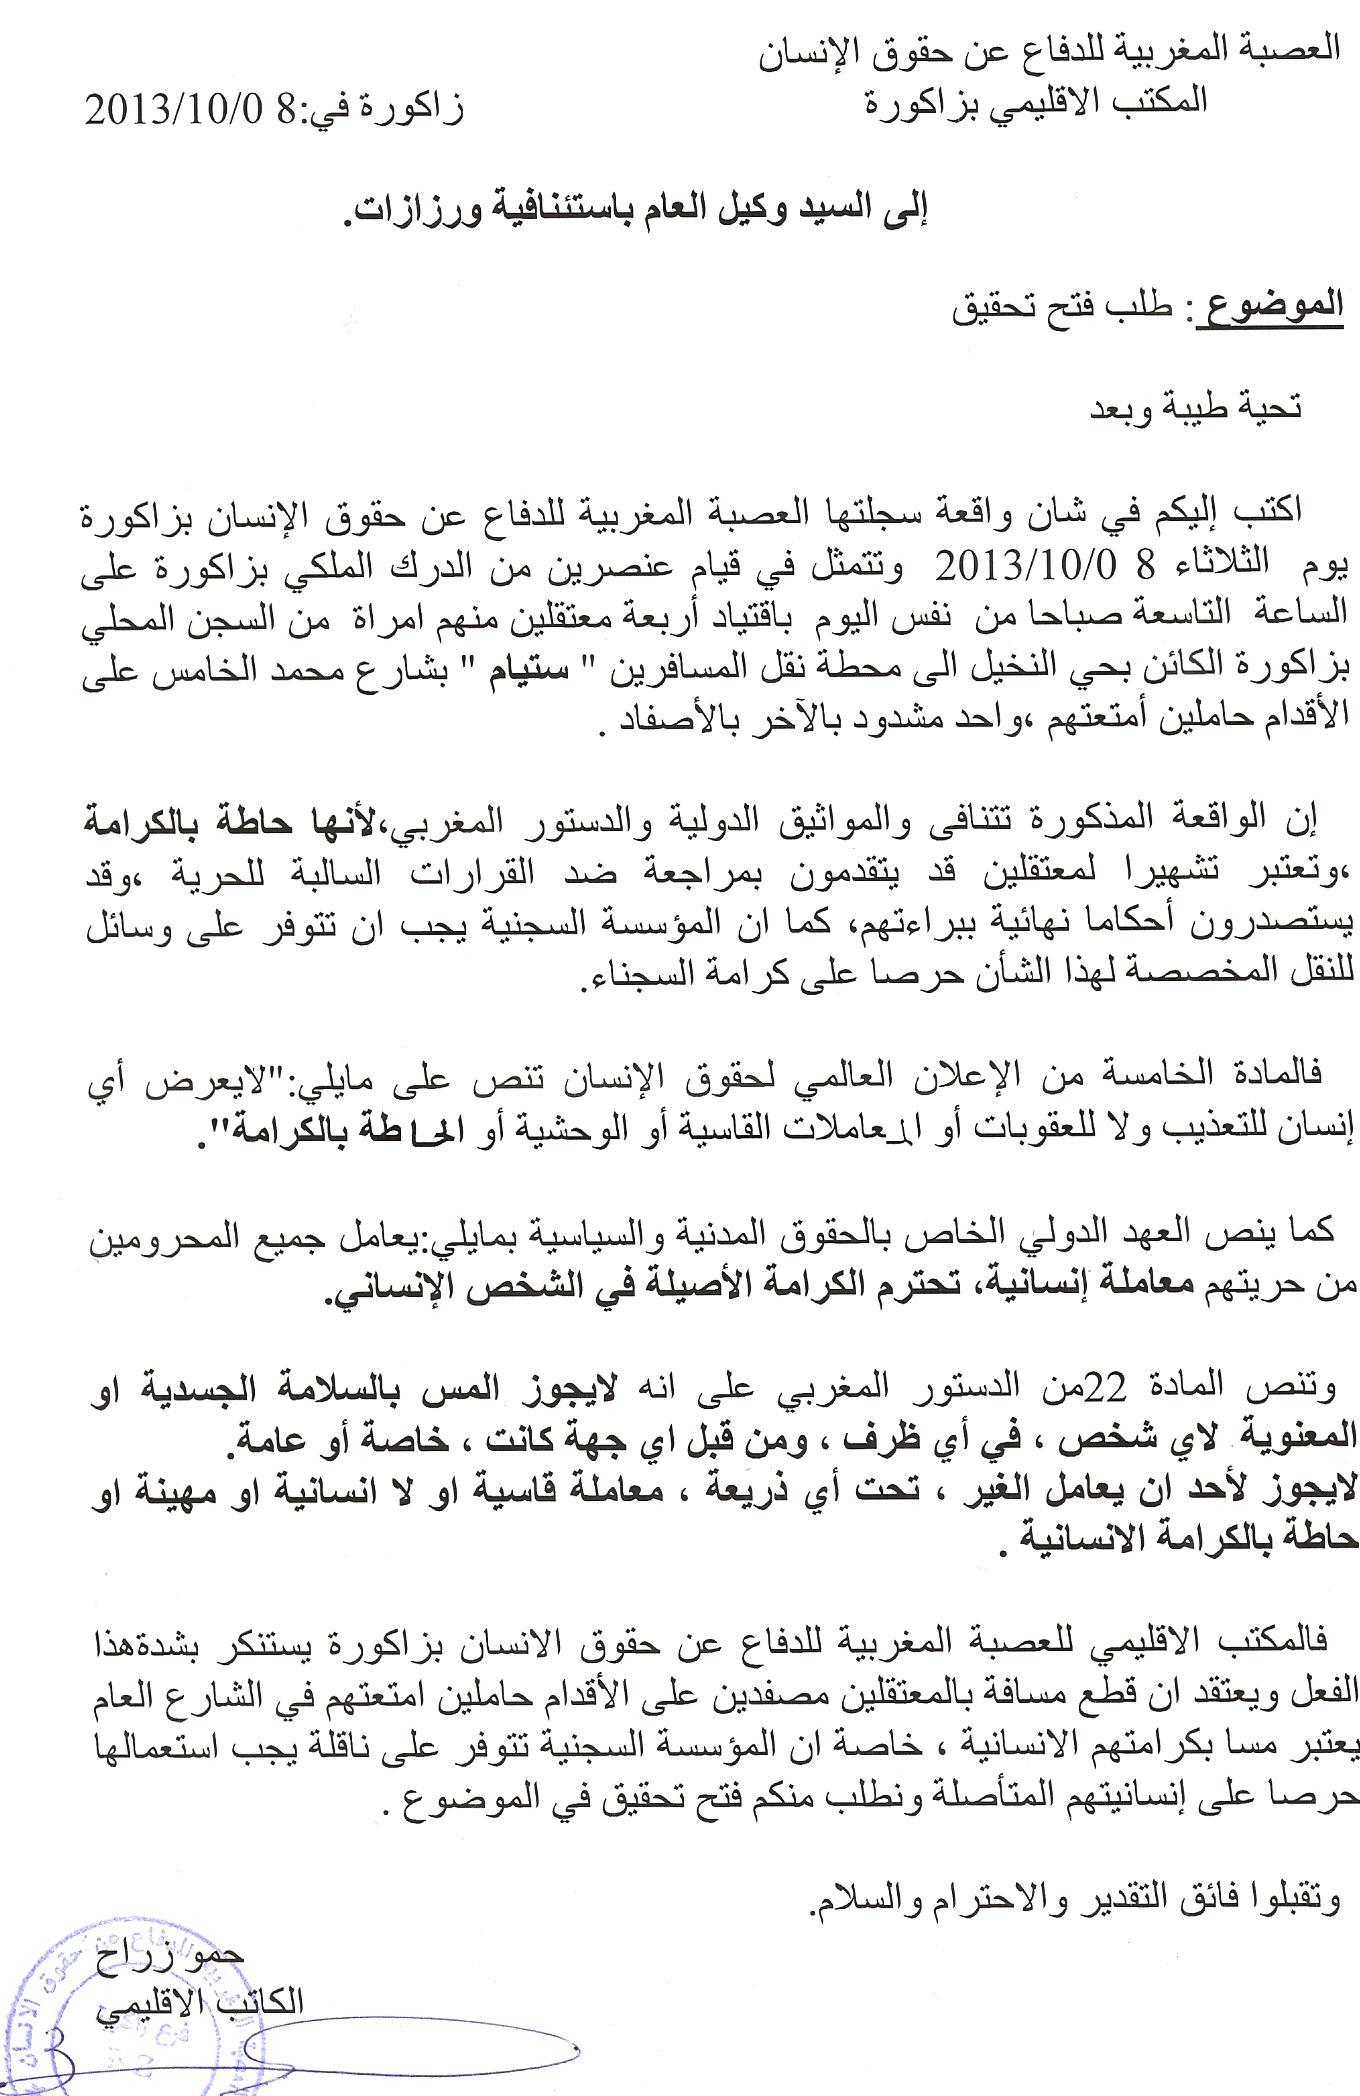 الدرك الملكي ينقل السجناء بالحافلة و العصبة المغربية تطلب فتح تحقيق